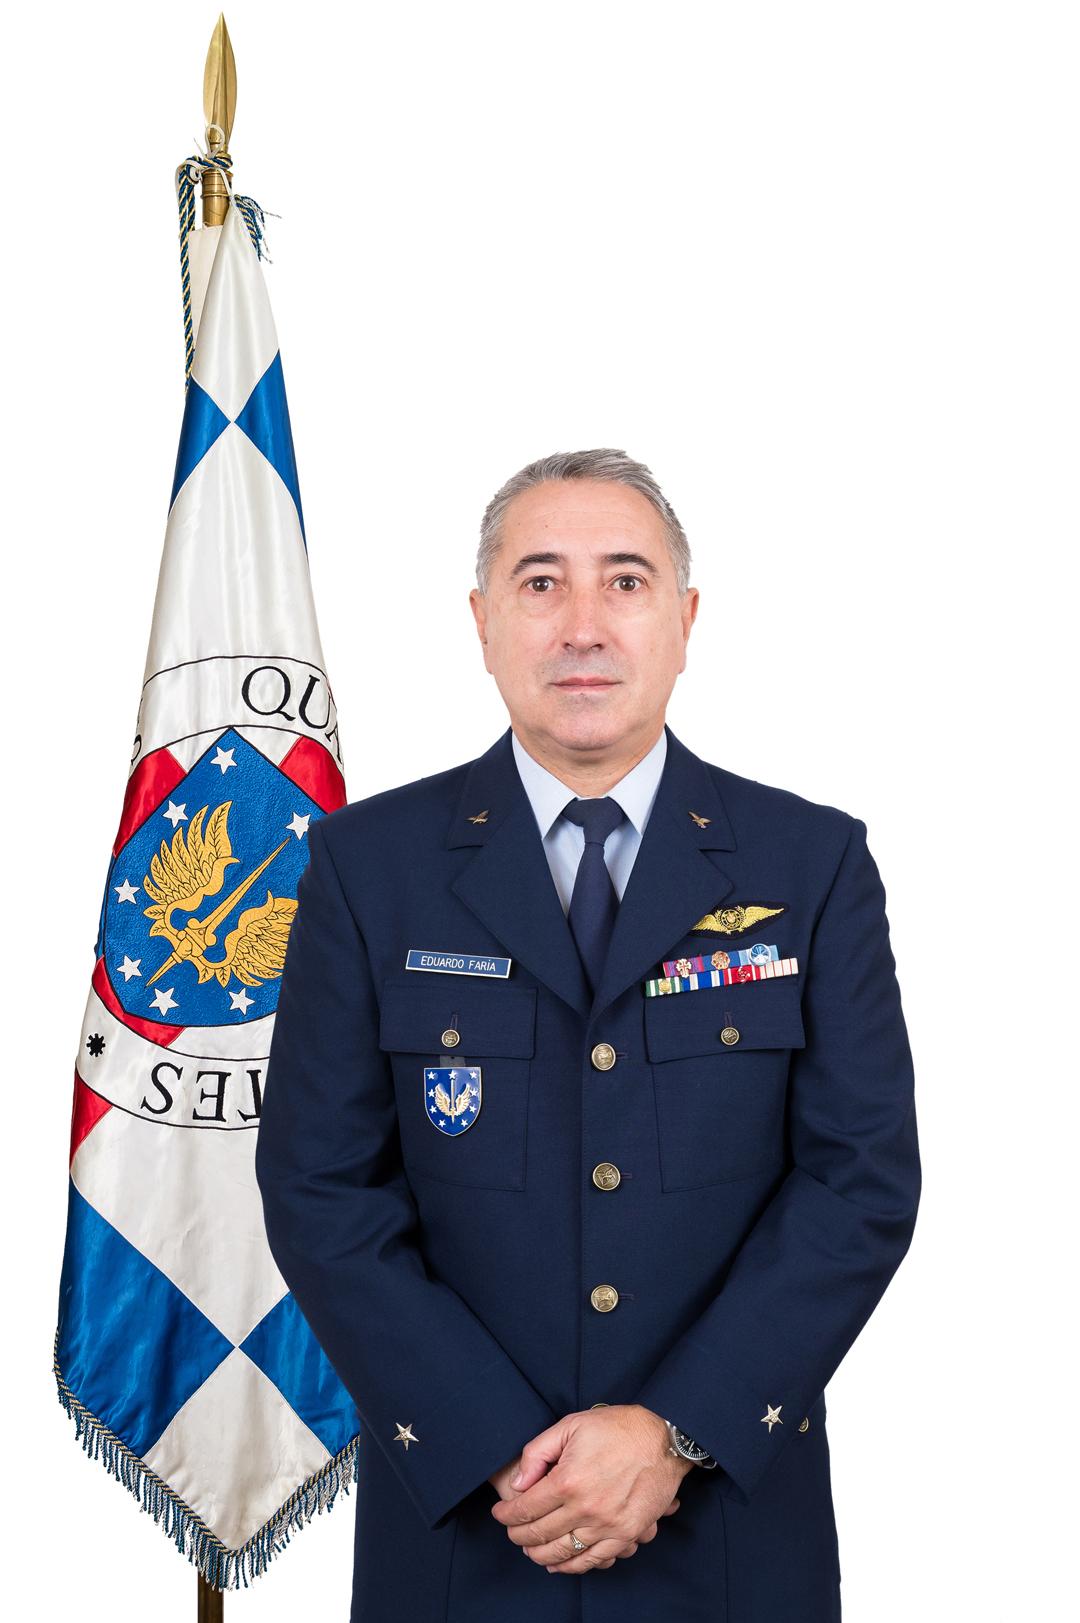 Foto de Brigadeiro-General Eduardo Jorge Pontes de Albuquerque Faria